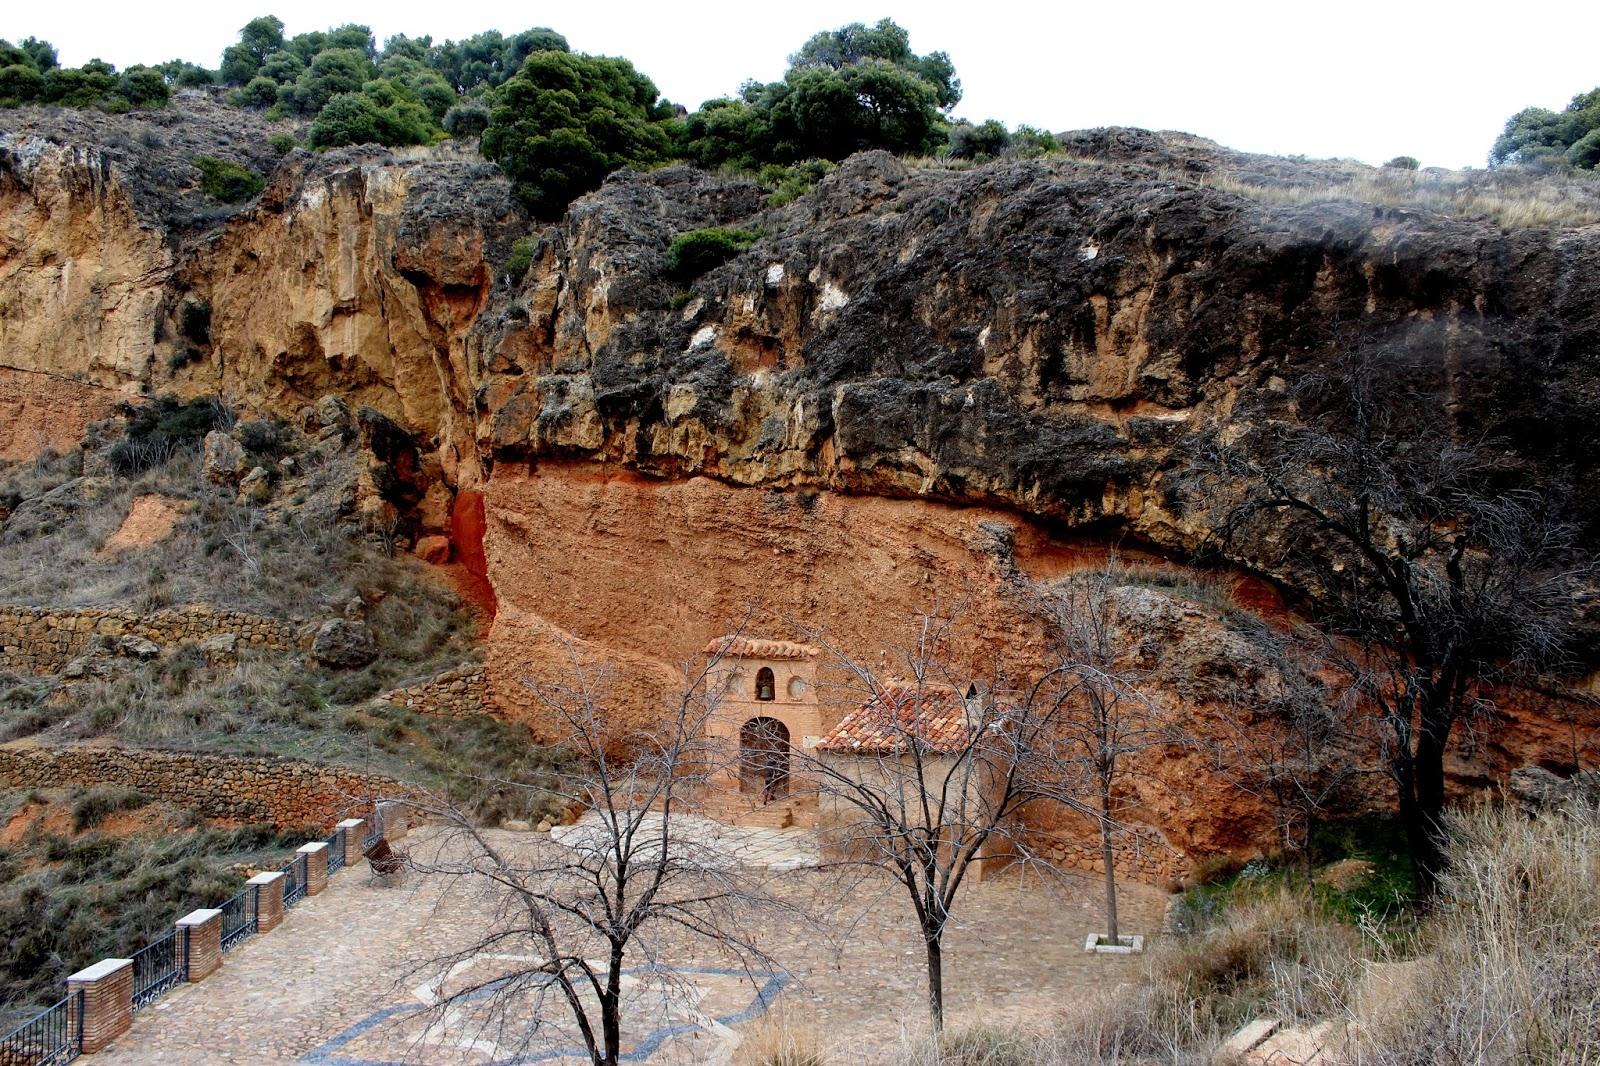 Ermita de Nazaret excavada en la roca